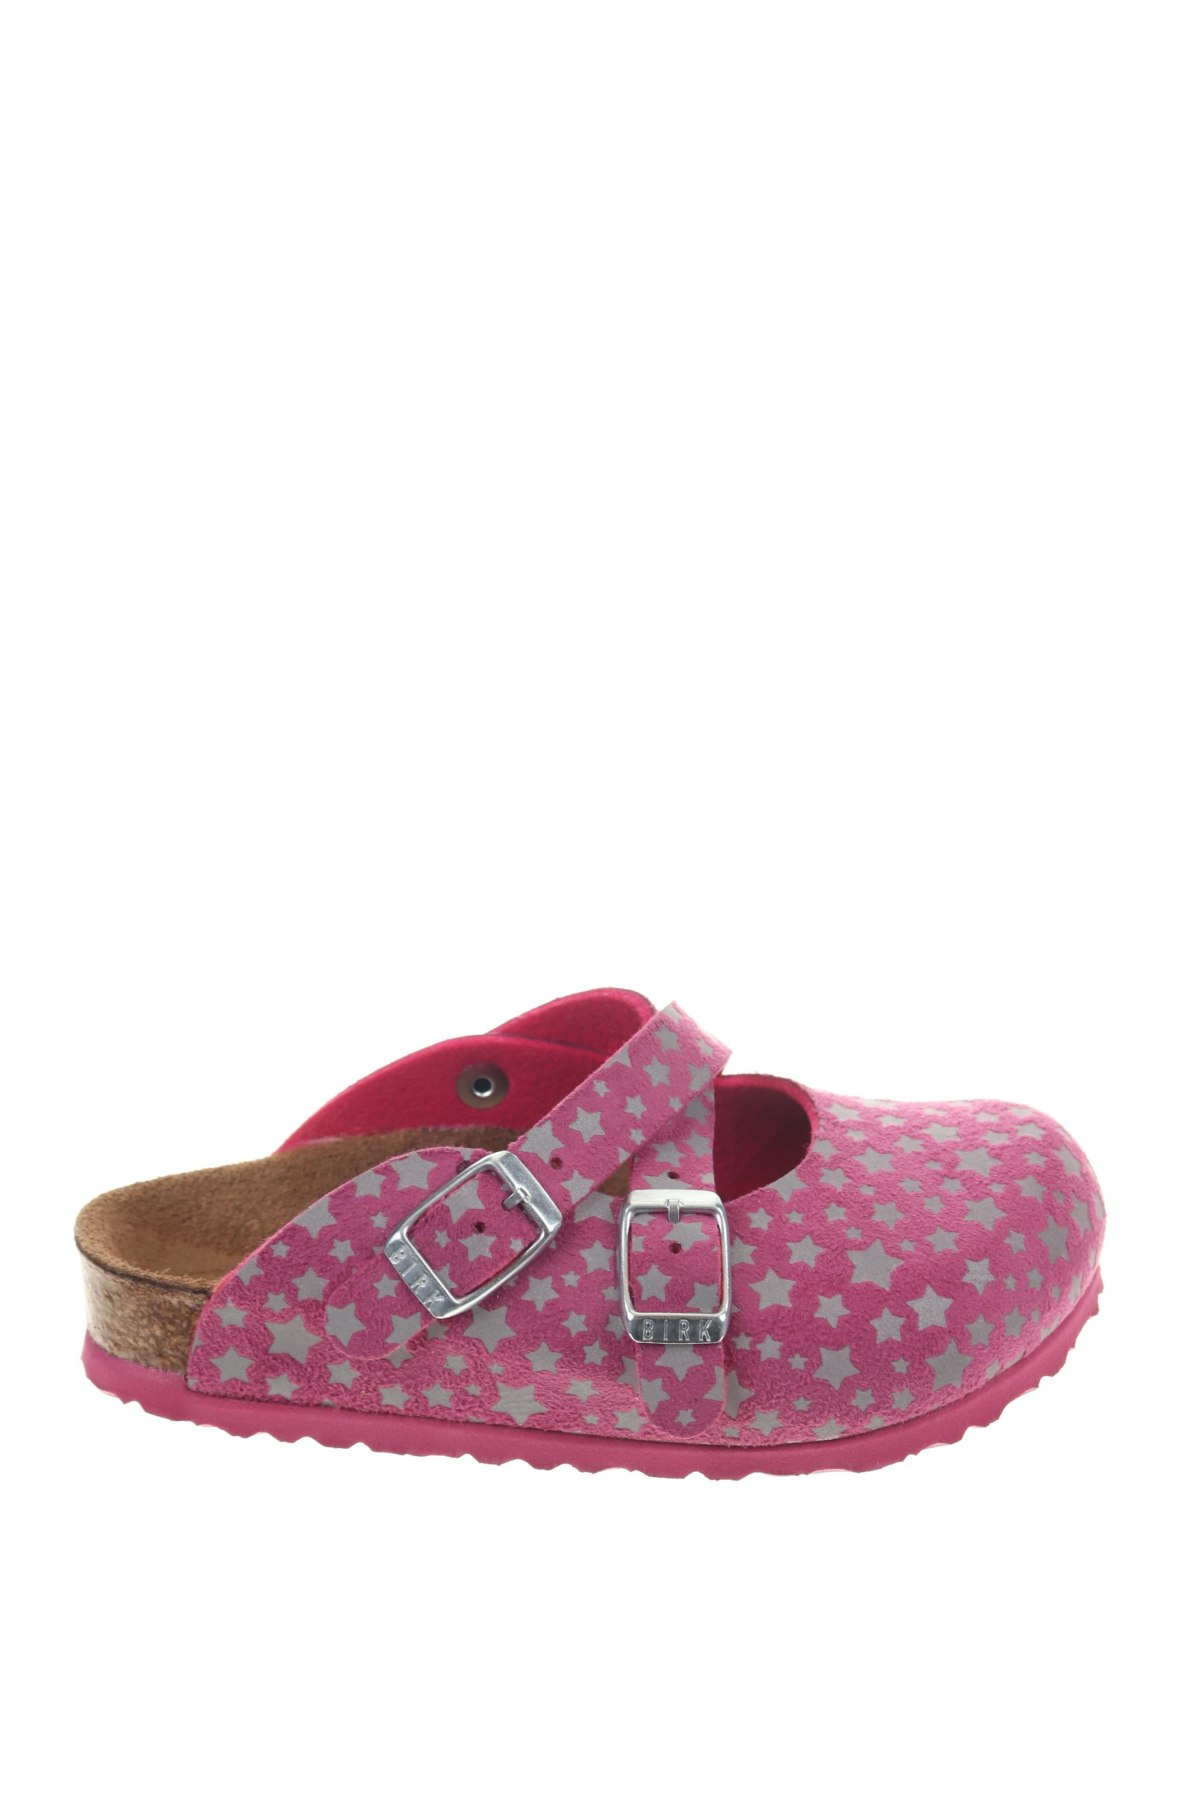 Γυναικείες παντόφλες Birkenstock, Μέγεθος 26, Χρώμα Ρόζ , Δερματίνη, Τιμή 33,49€